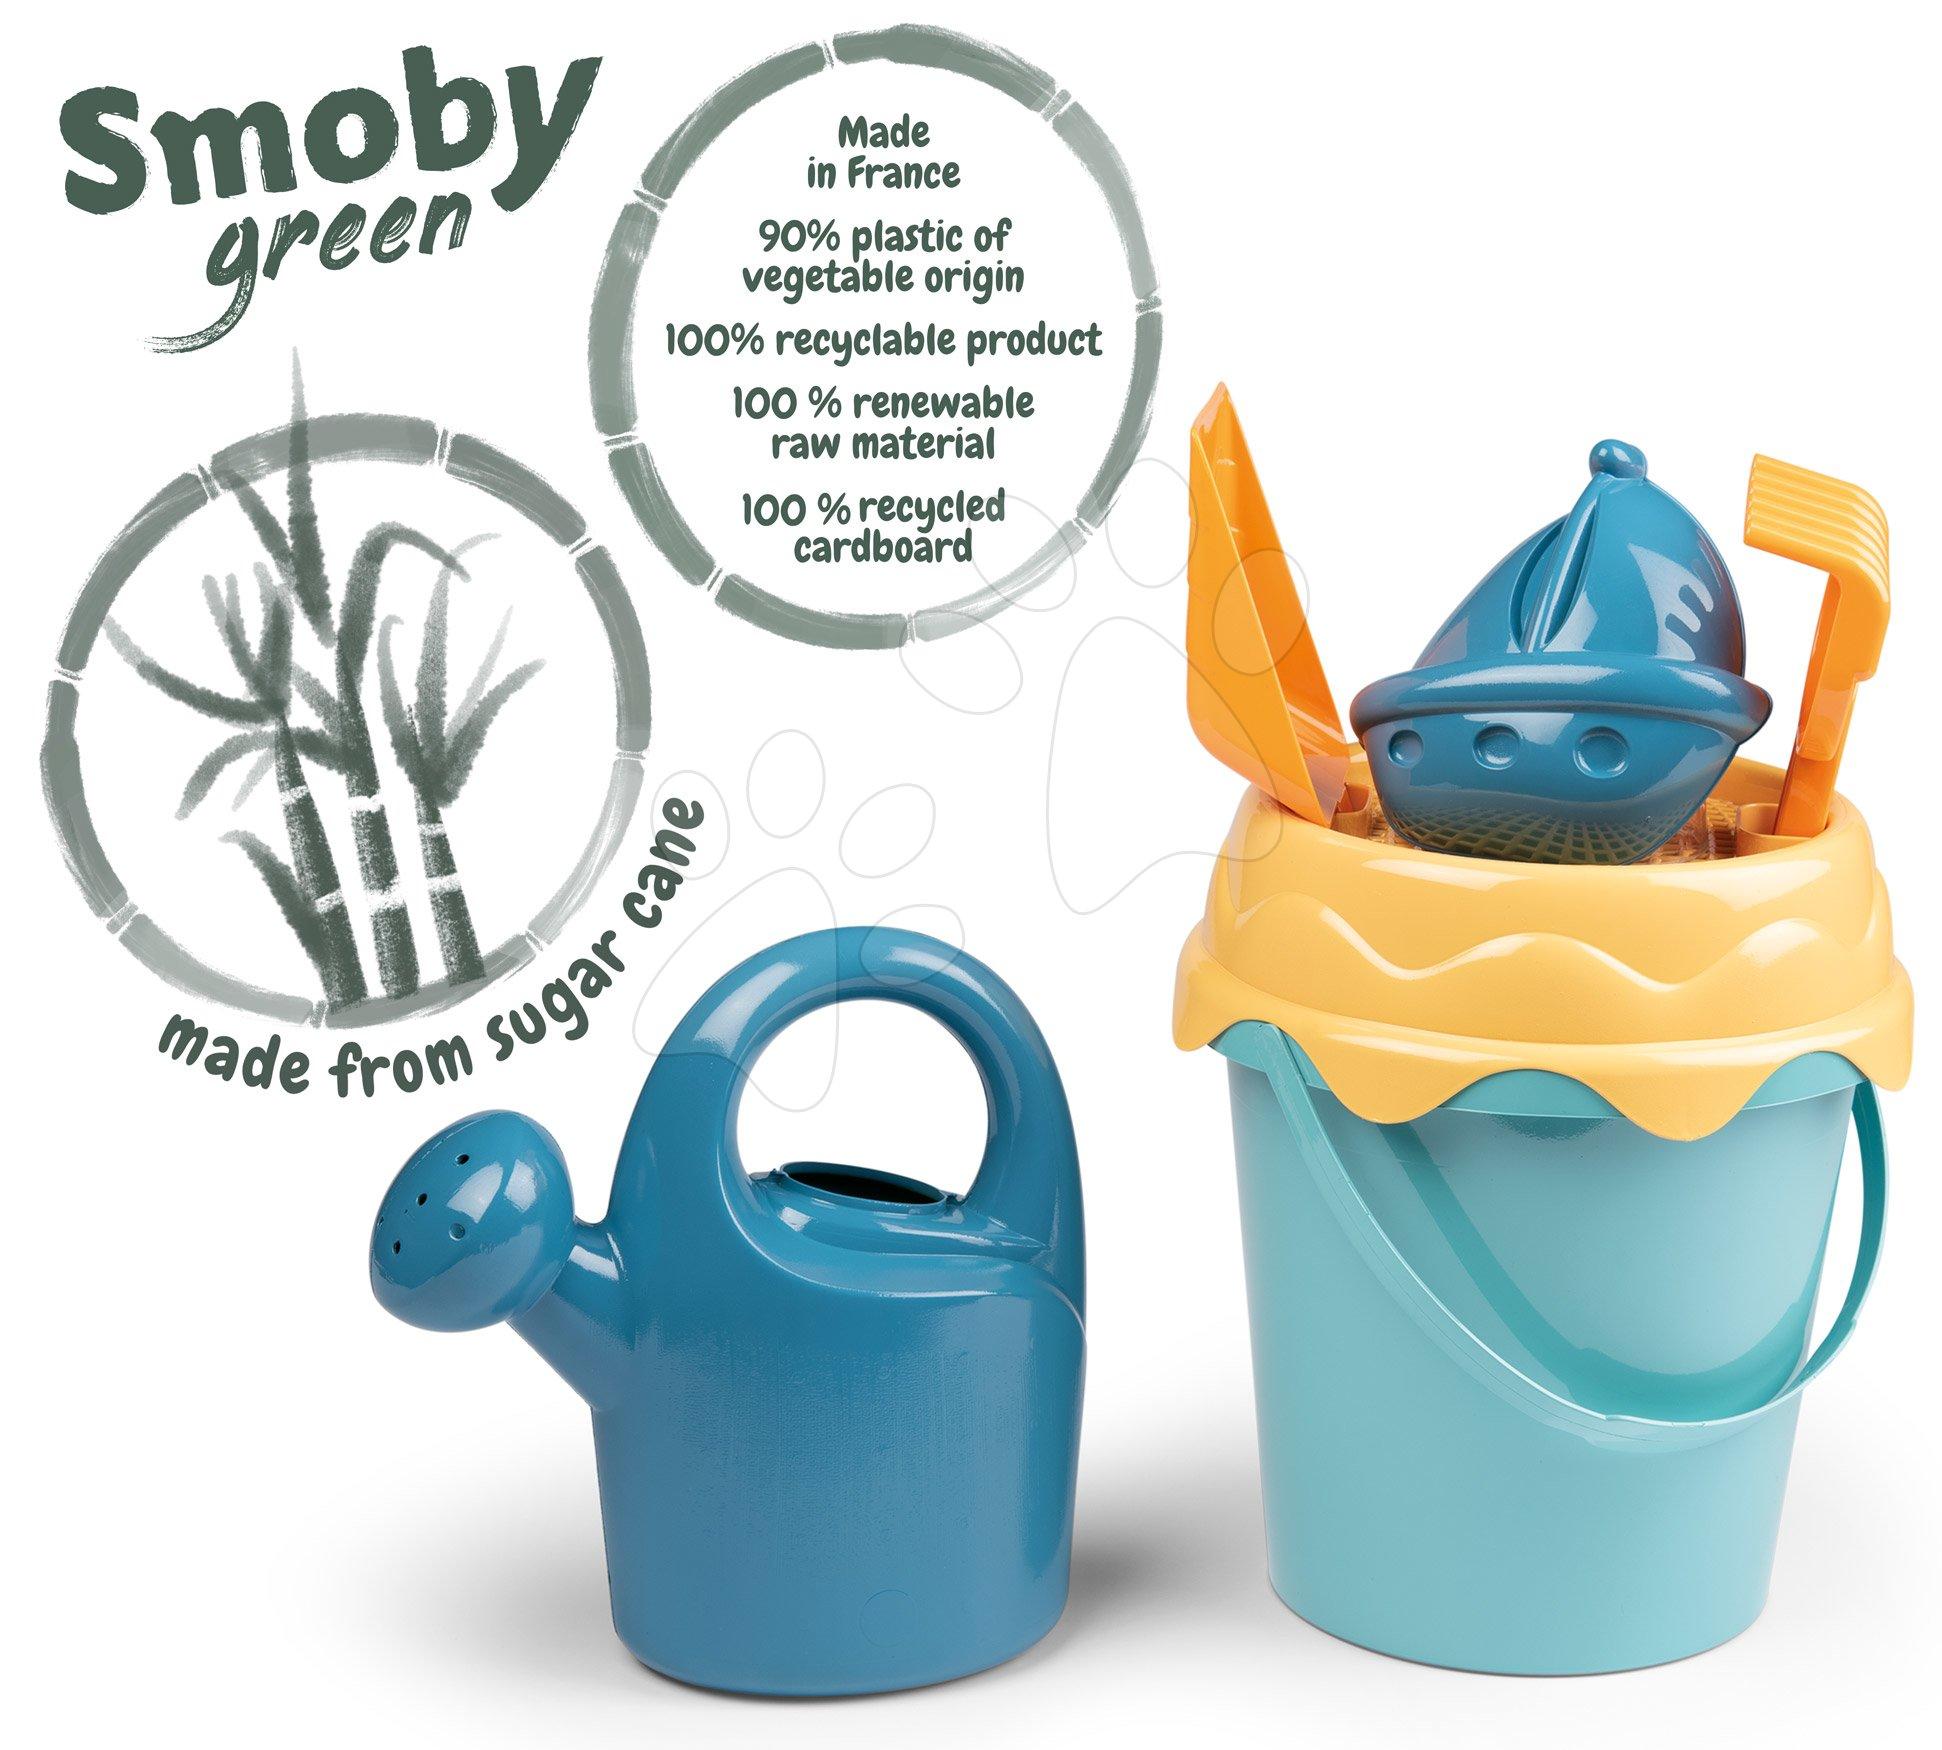 Vedro set z Cukrovej Trstiny BIO Green Smoby vegetable origin 100% recyklovateľné